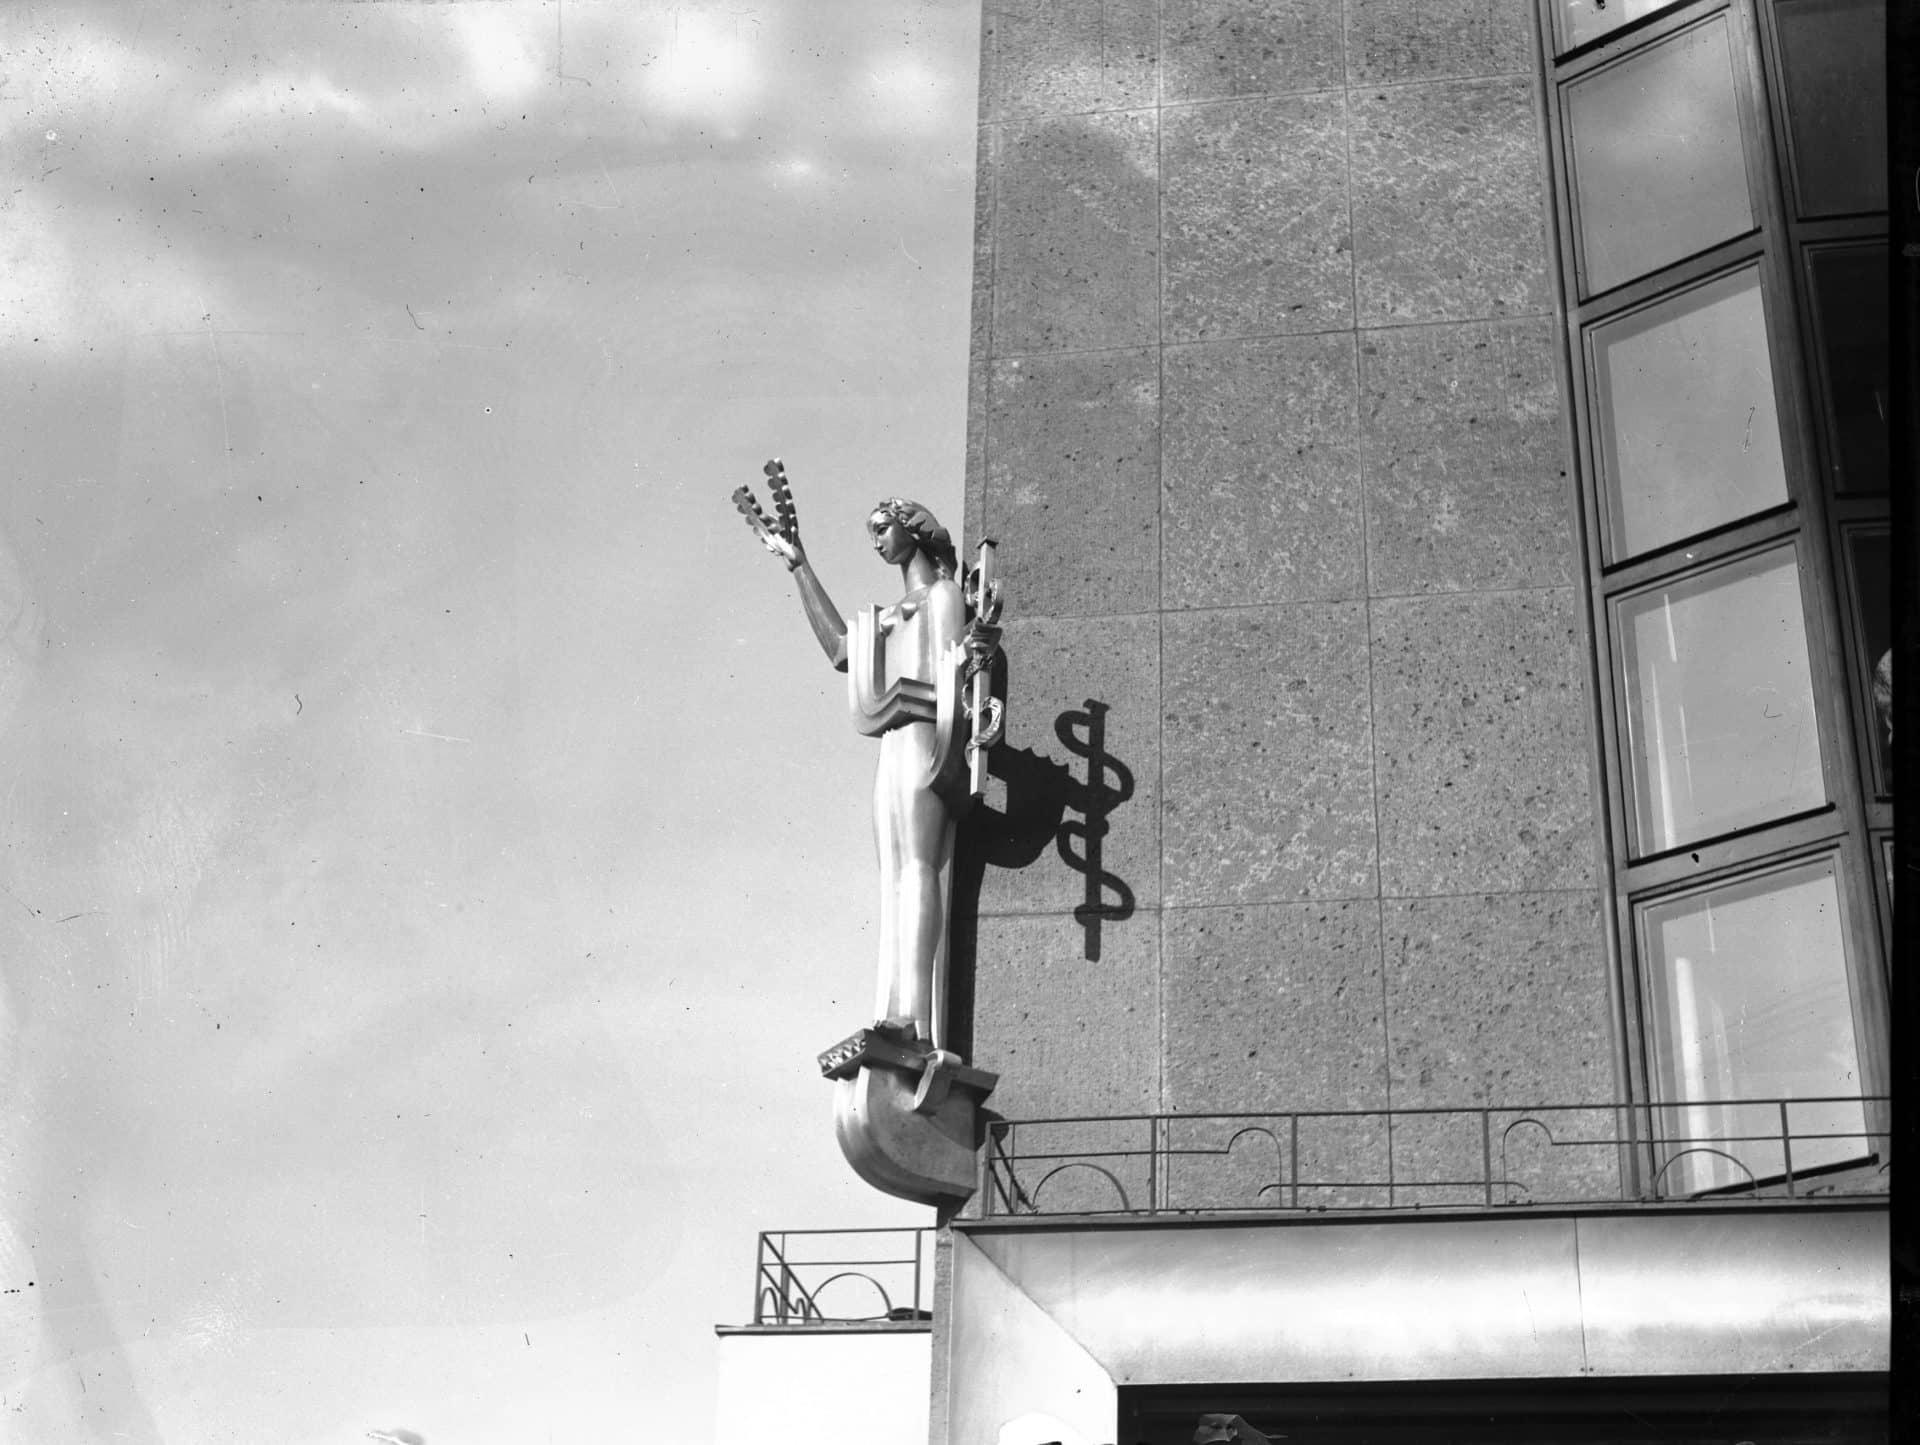 Detale architektoniczne na gmachu, w którym mieści się  m.in. znany Klub Feniks. Wykonano około 1934 roku. Źródło: Narodowe Archiwum Cyfrowe.